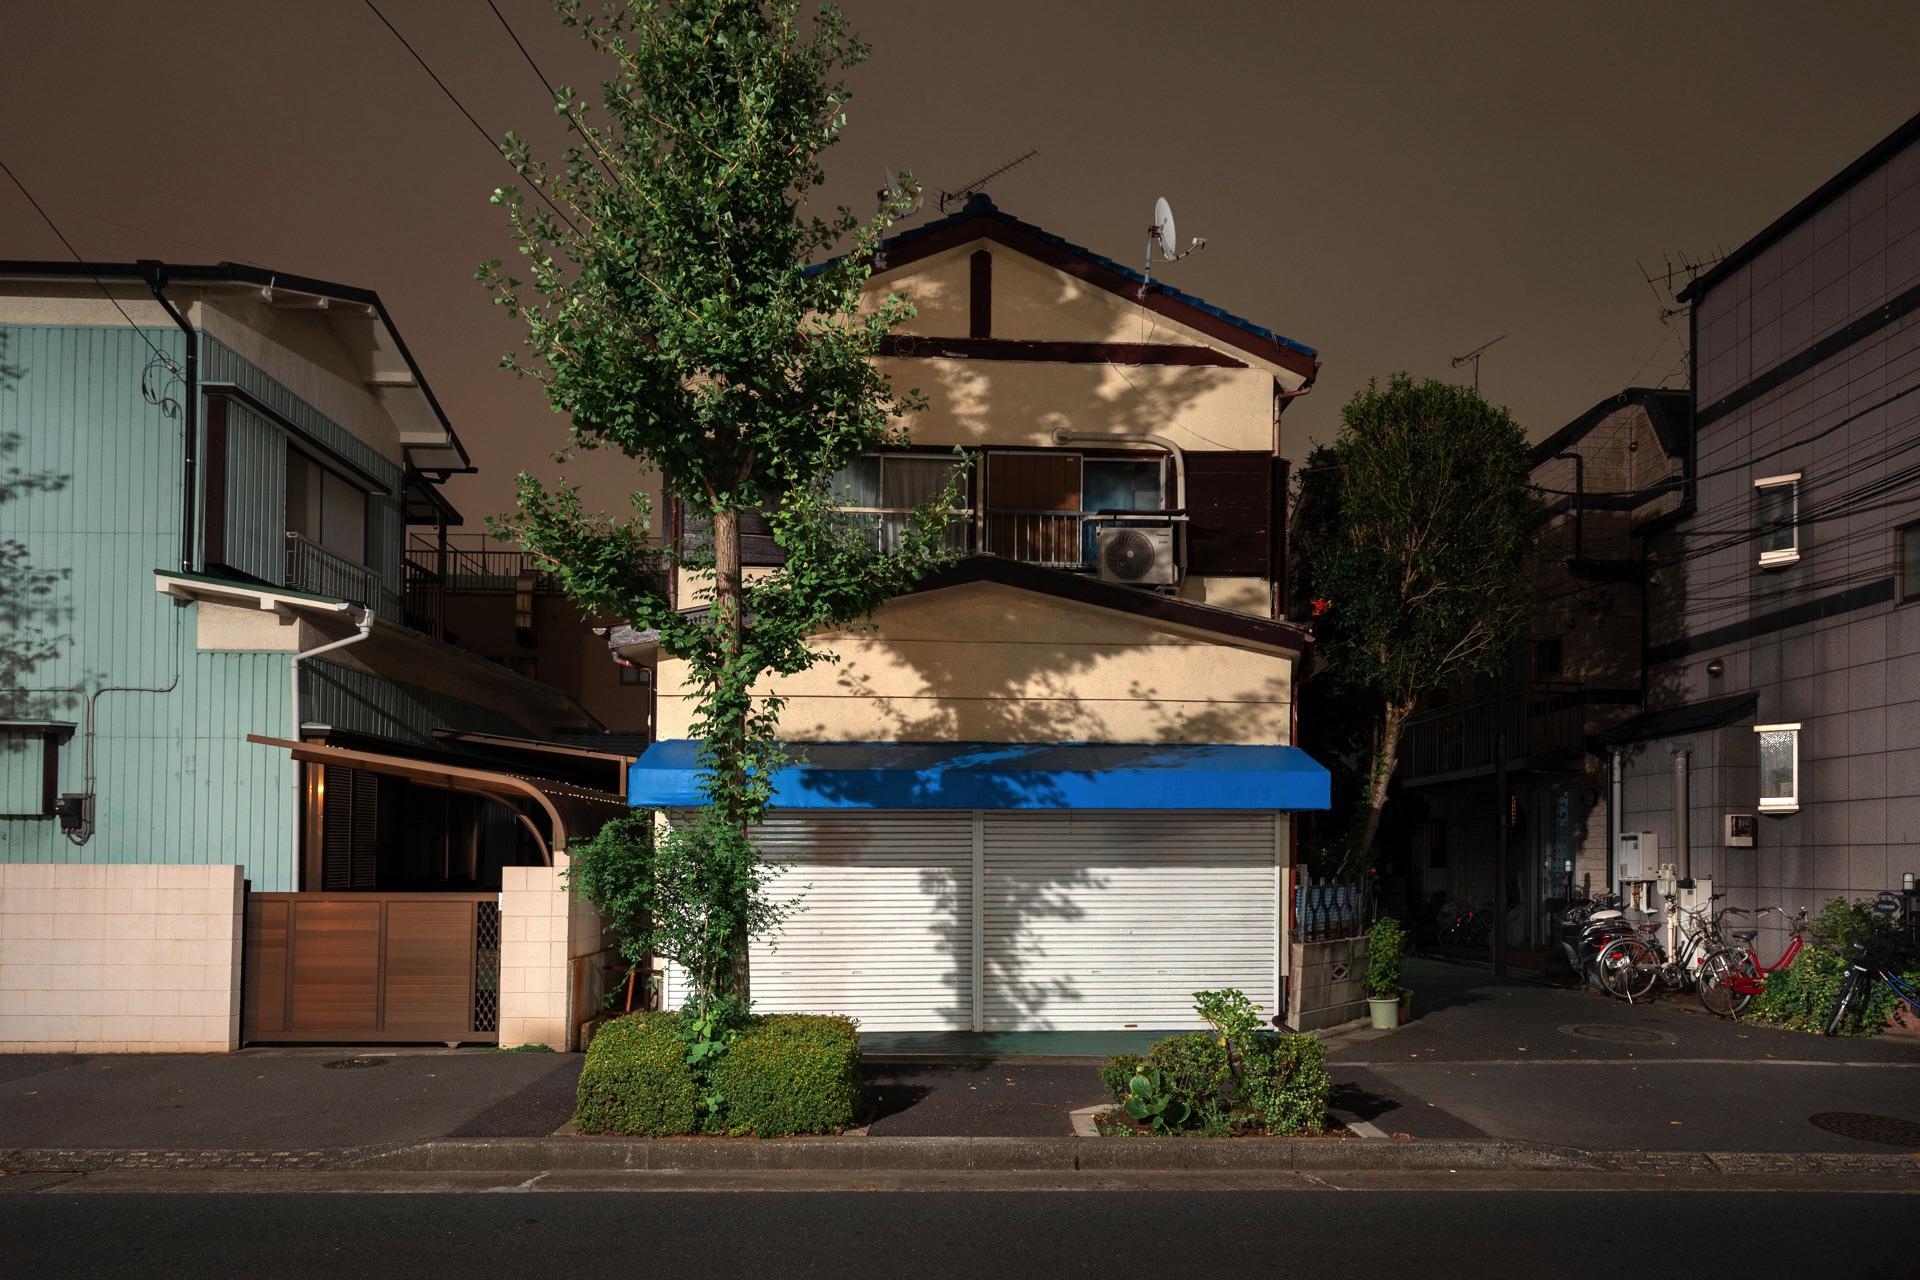 Le periferie giapponesi nelle foto di Alessandro Zanoni   Collater.al